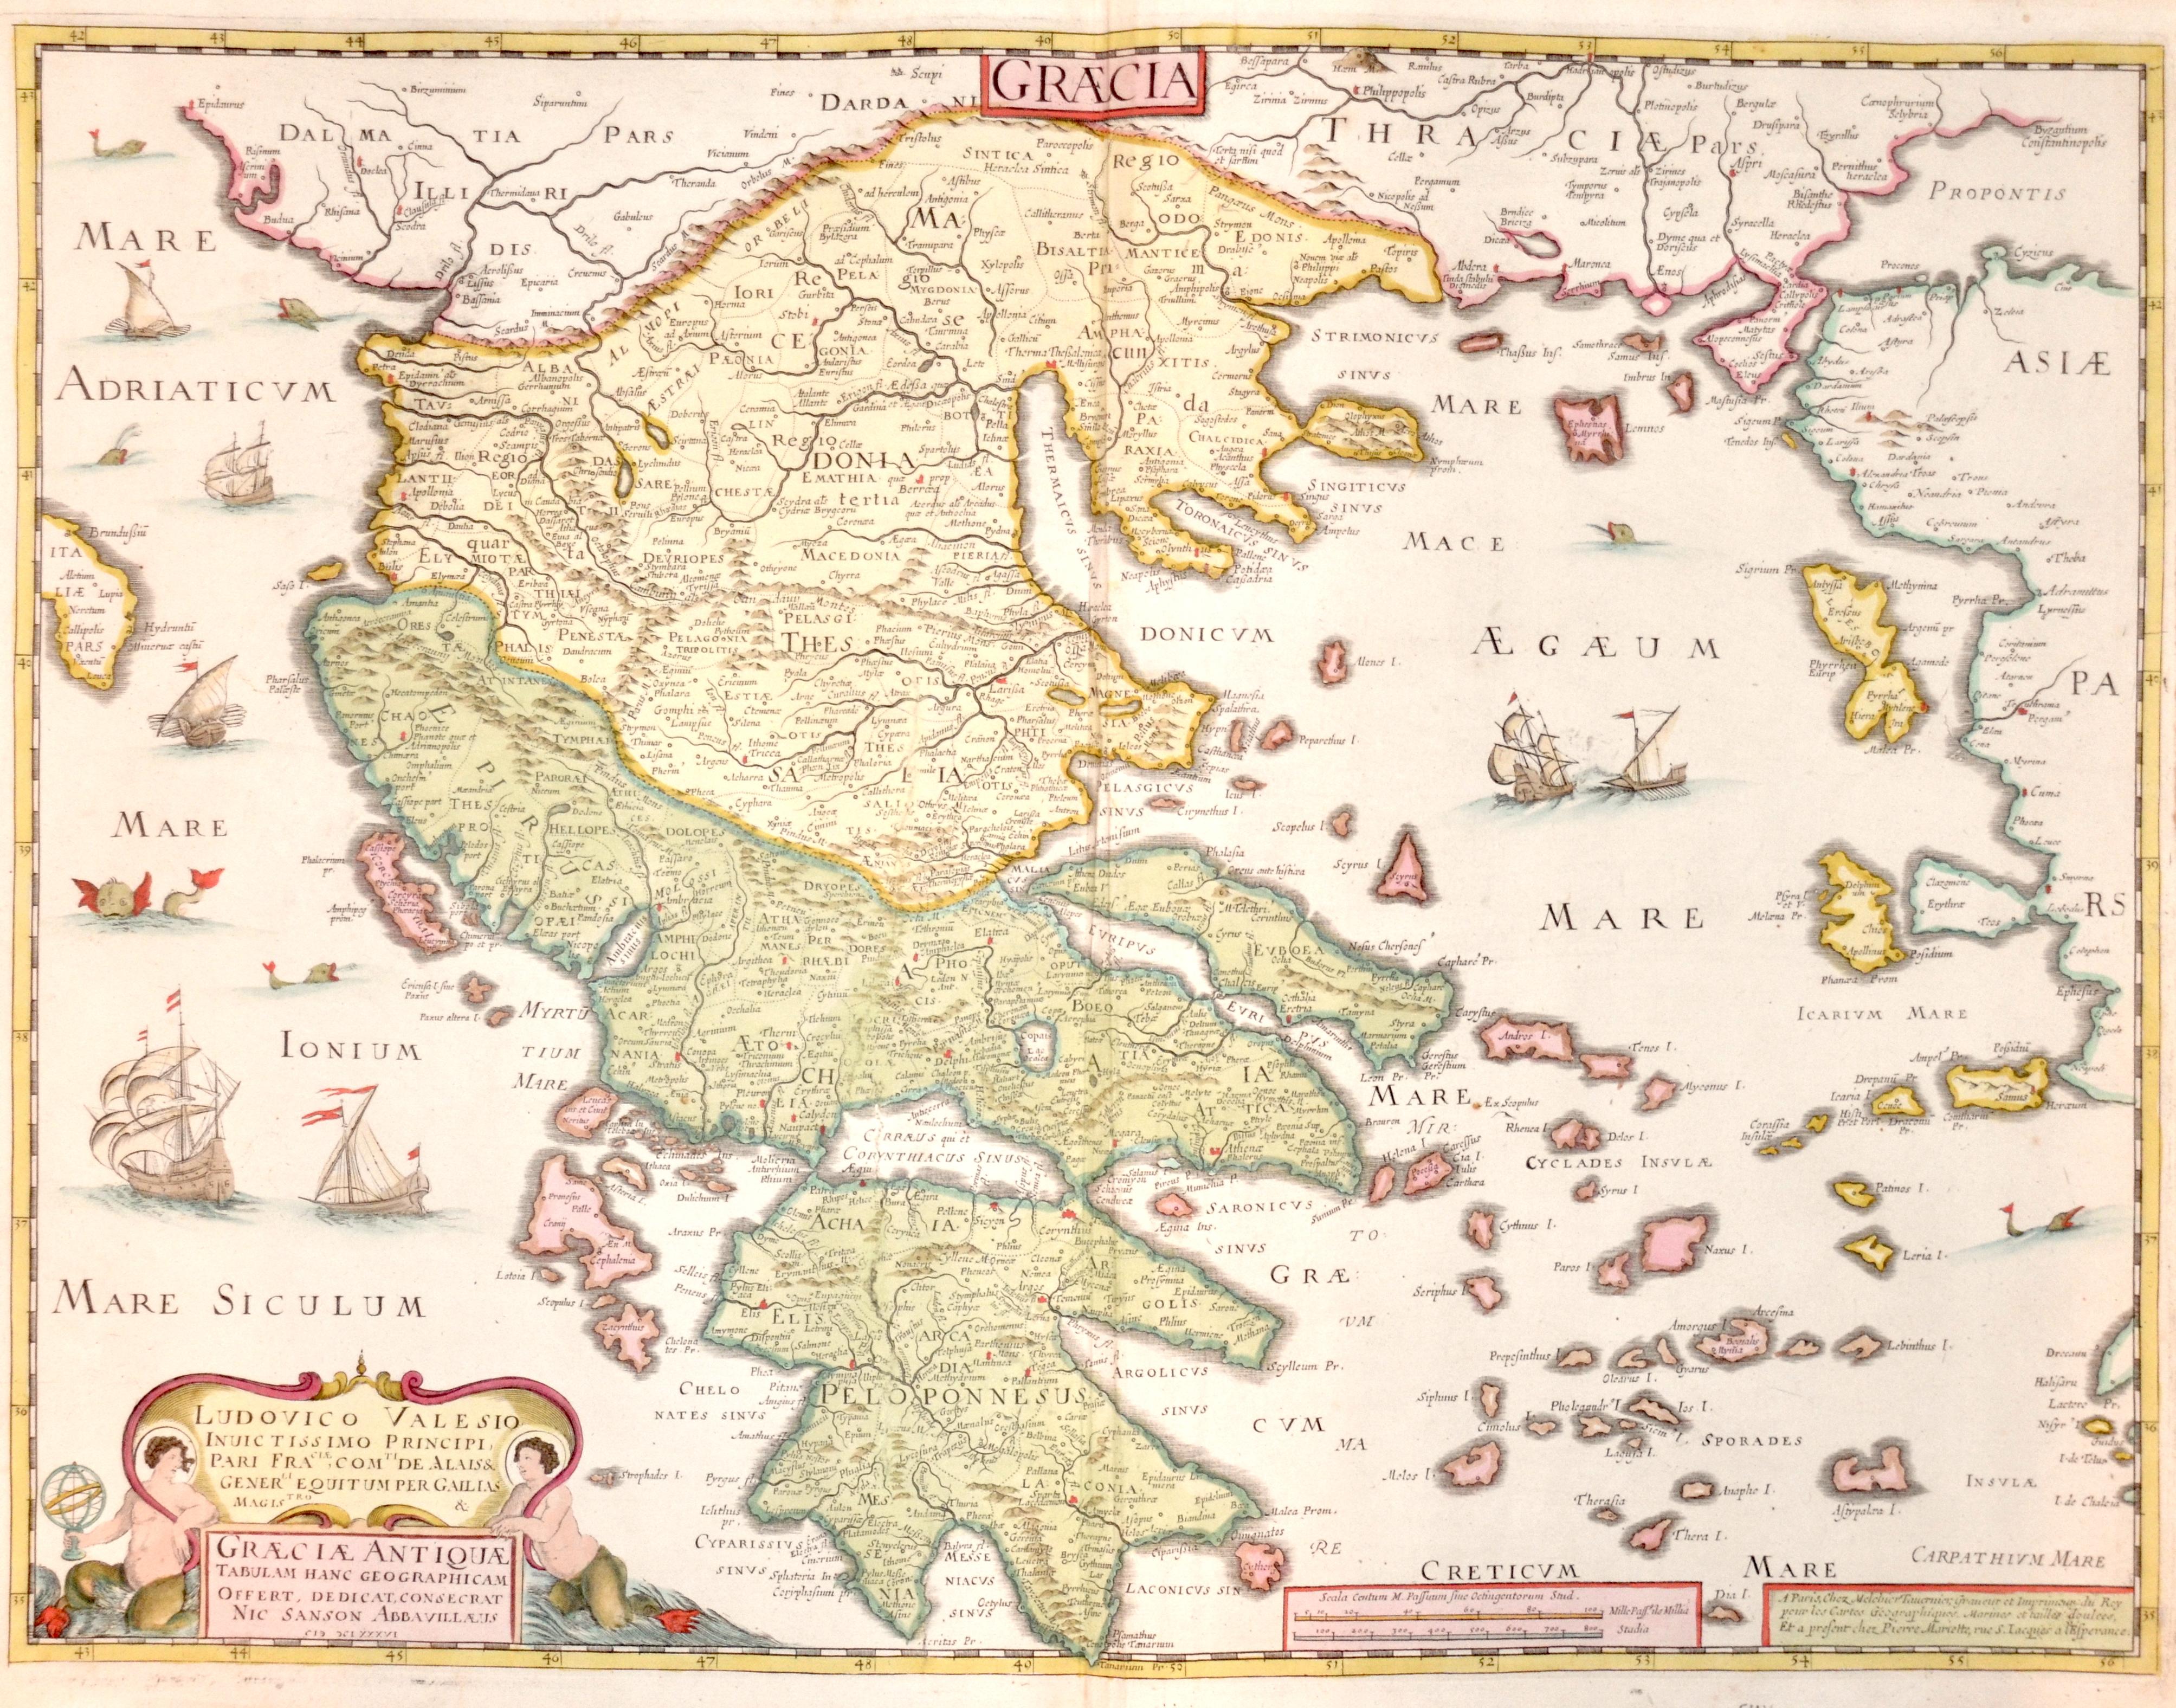 Tavernier/ Sanson Nicolas  Ludovico Valesio Inuic tissimo Principi, pari Fraclae, comti de Alais & Generli Equitum per Gailias magistro & Graeciae Antiquae Tabulam Hanc..